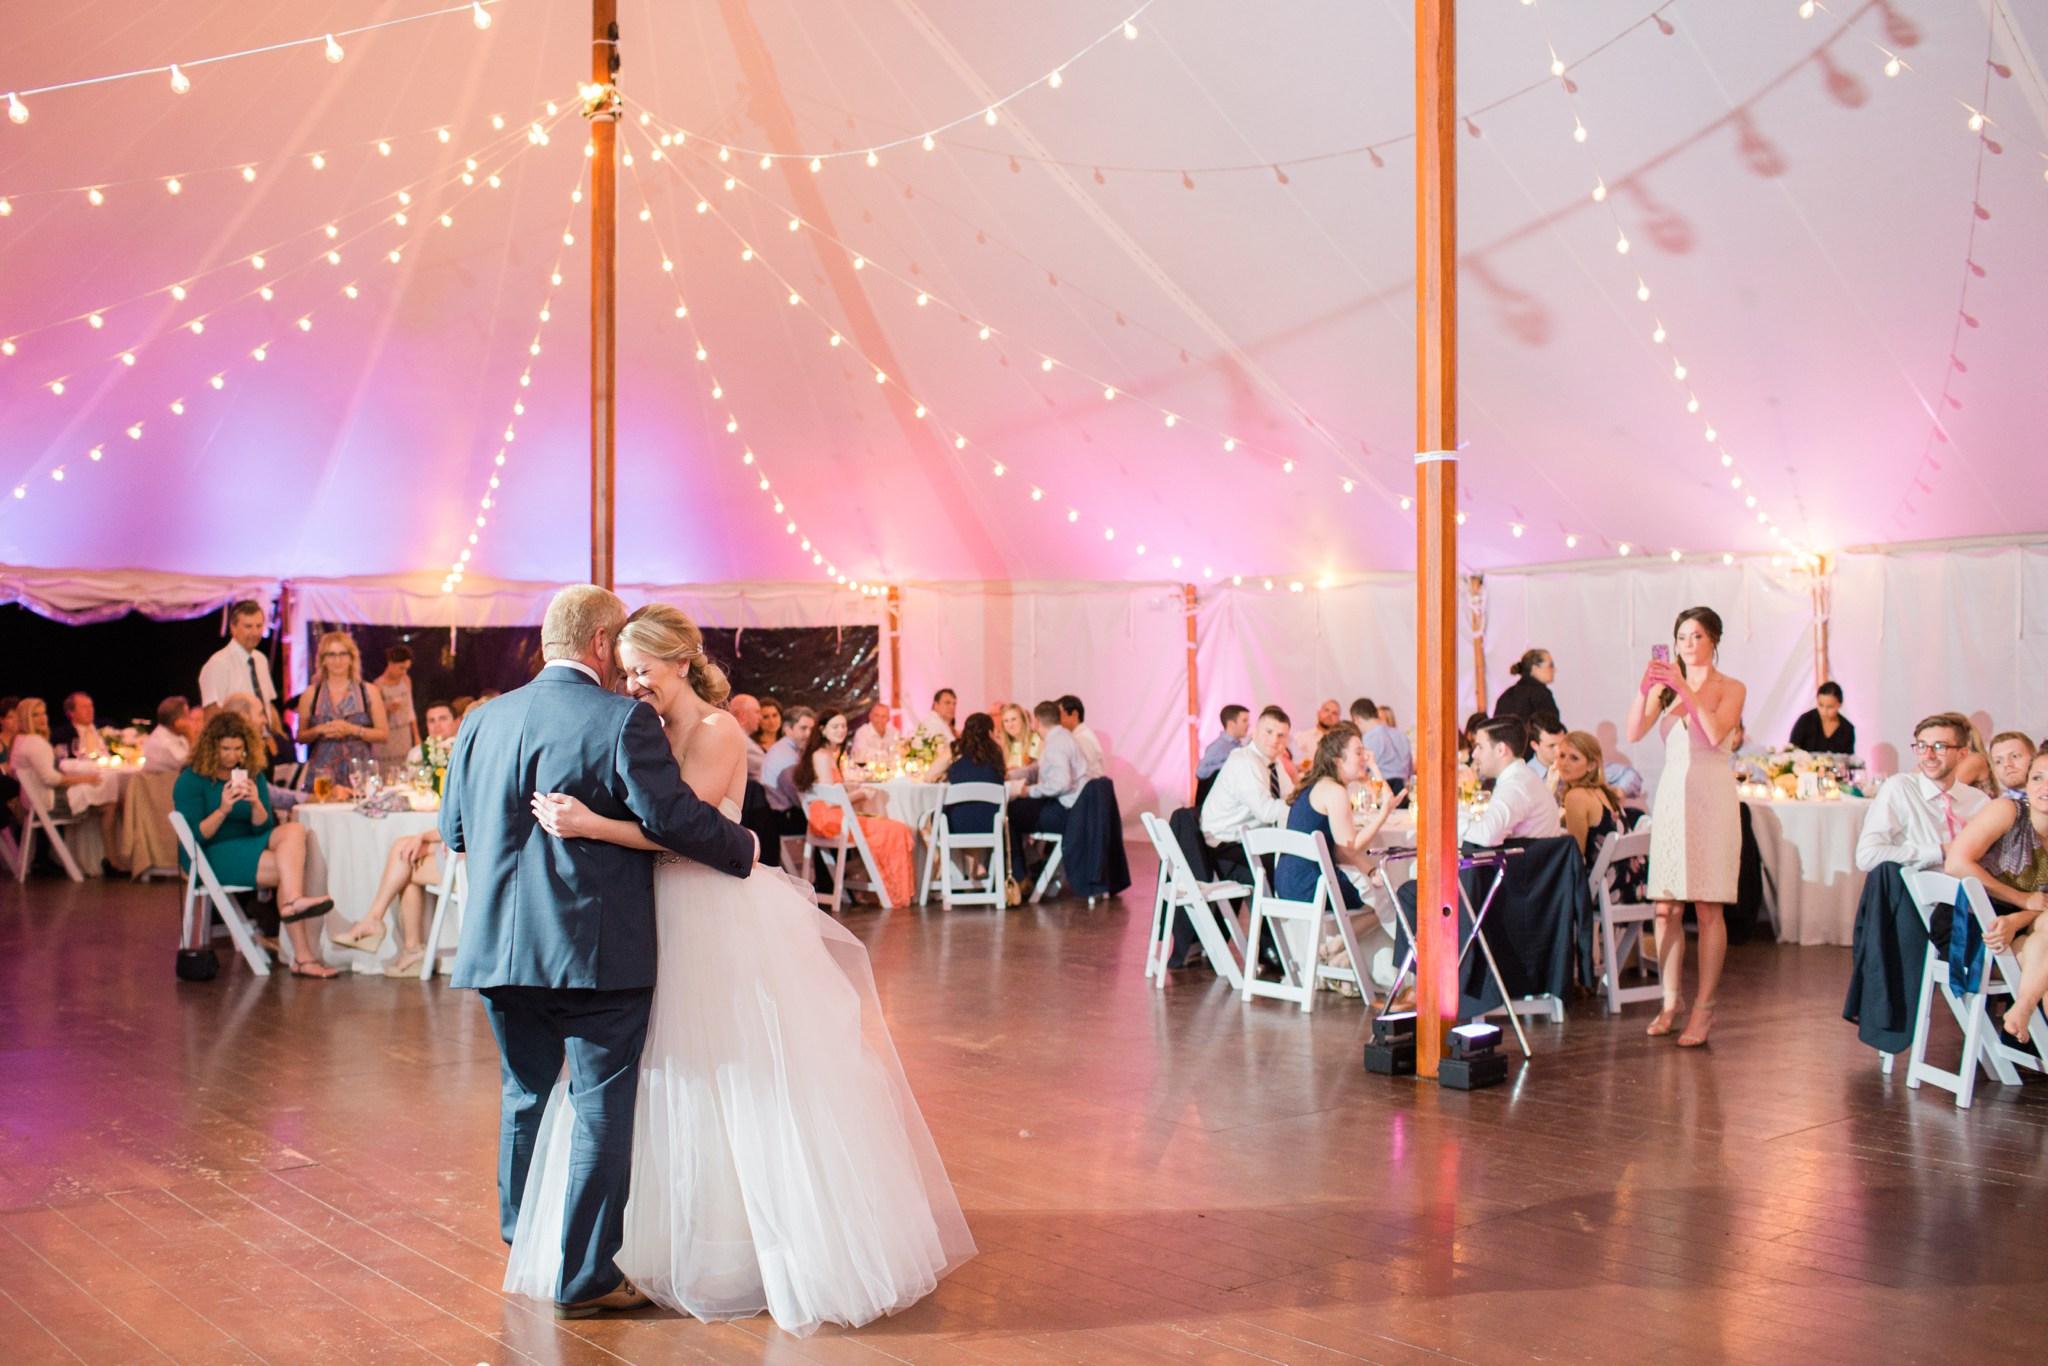 moraine_farm_wedding_deborah_zoe_0077.JPG